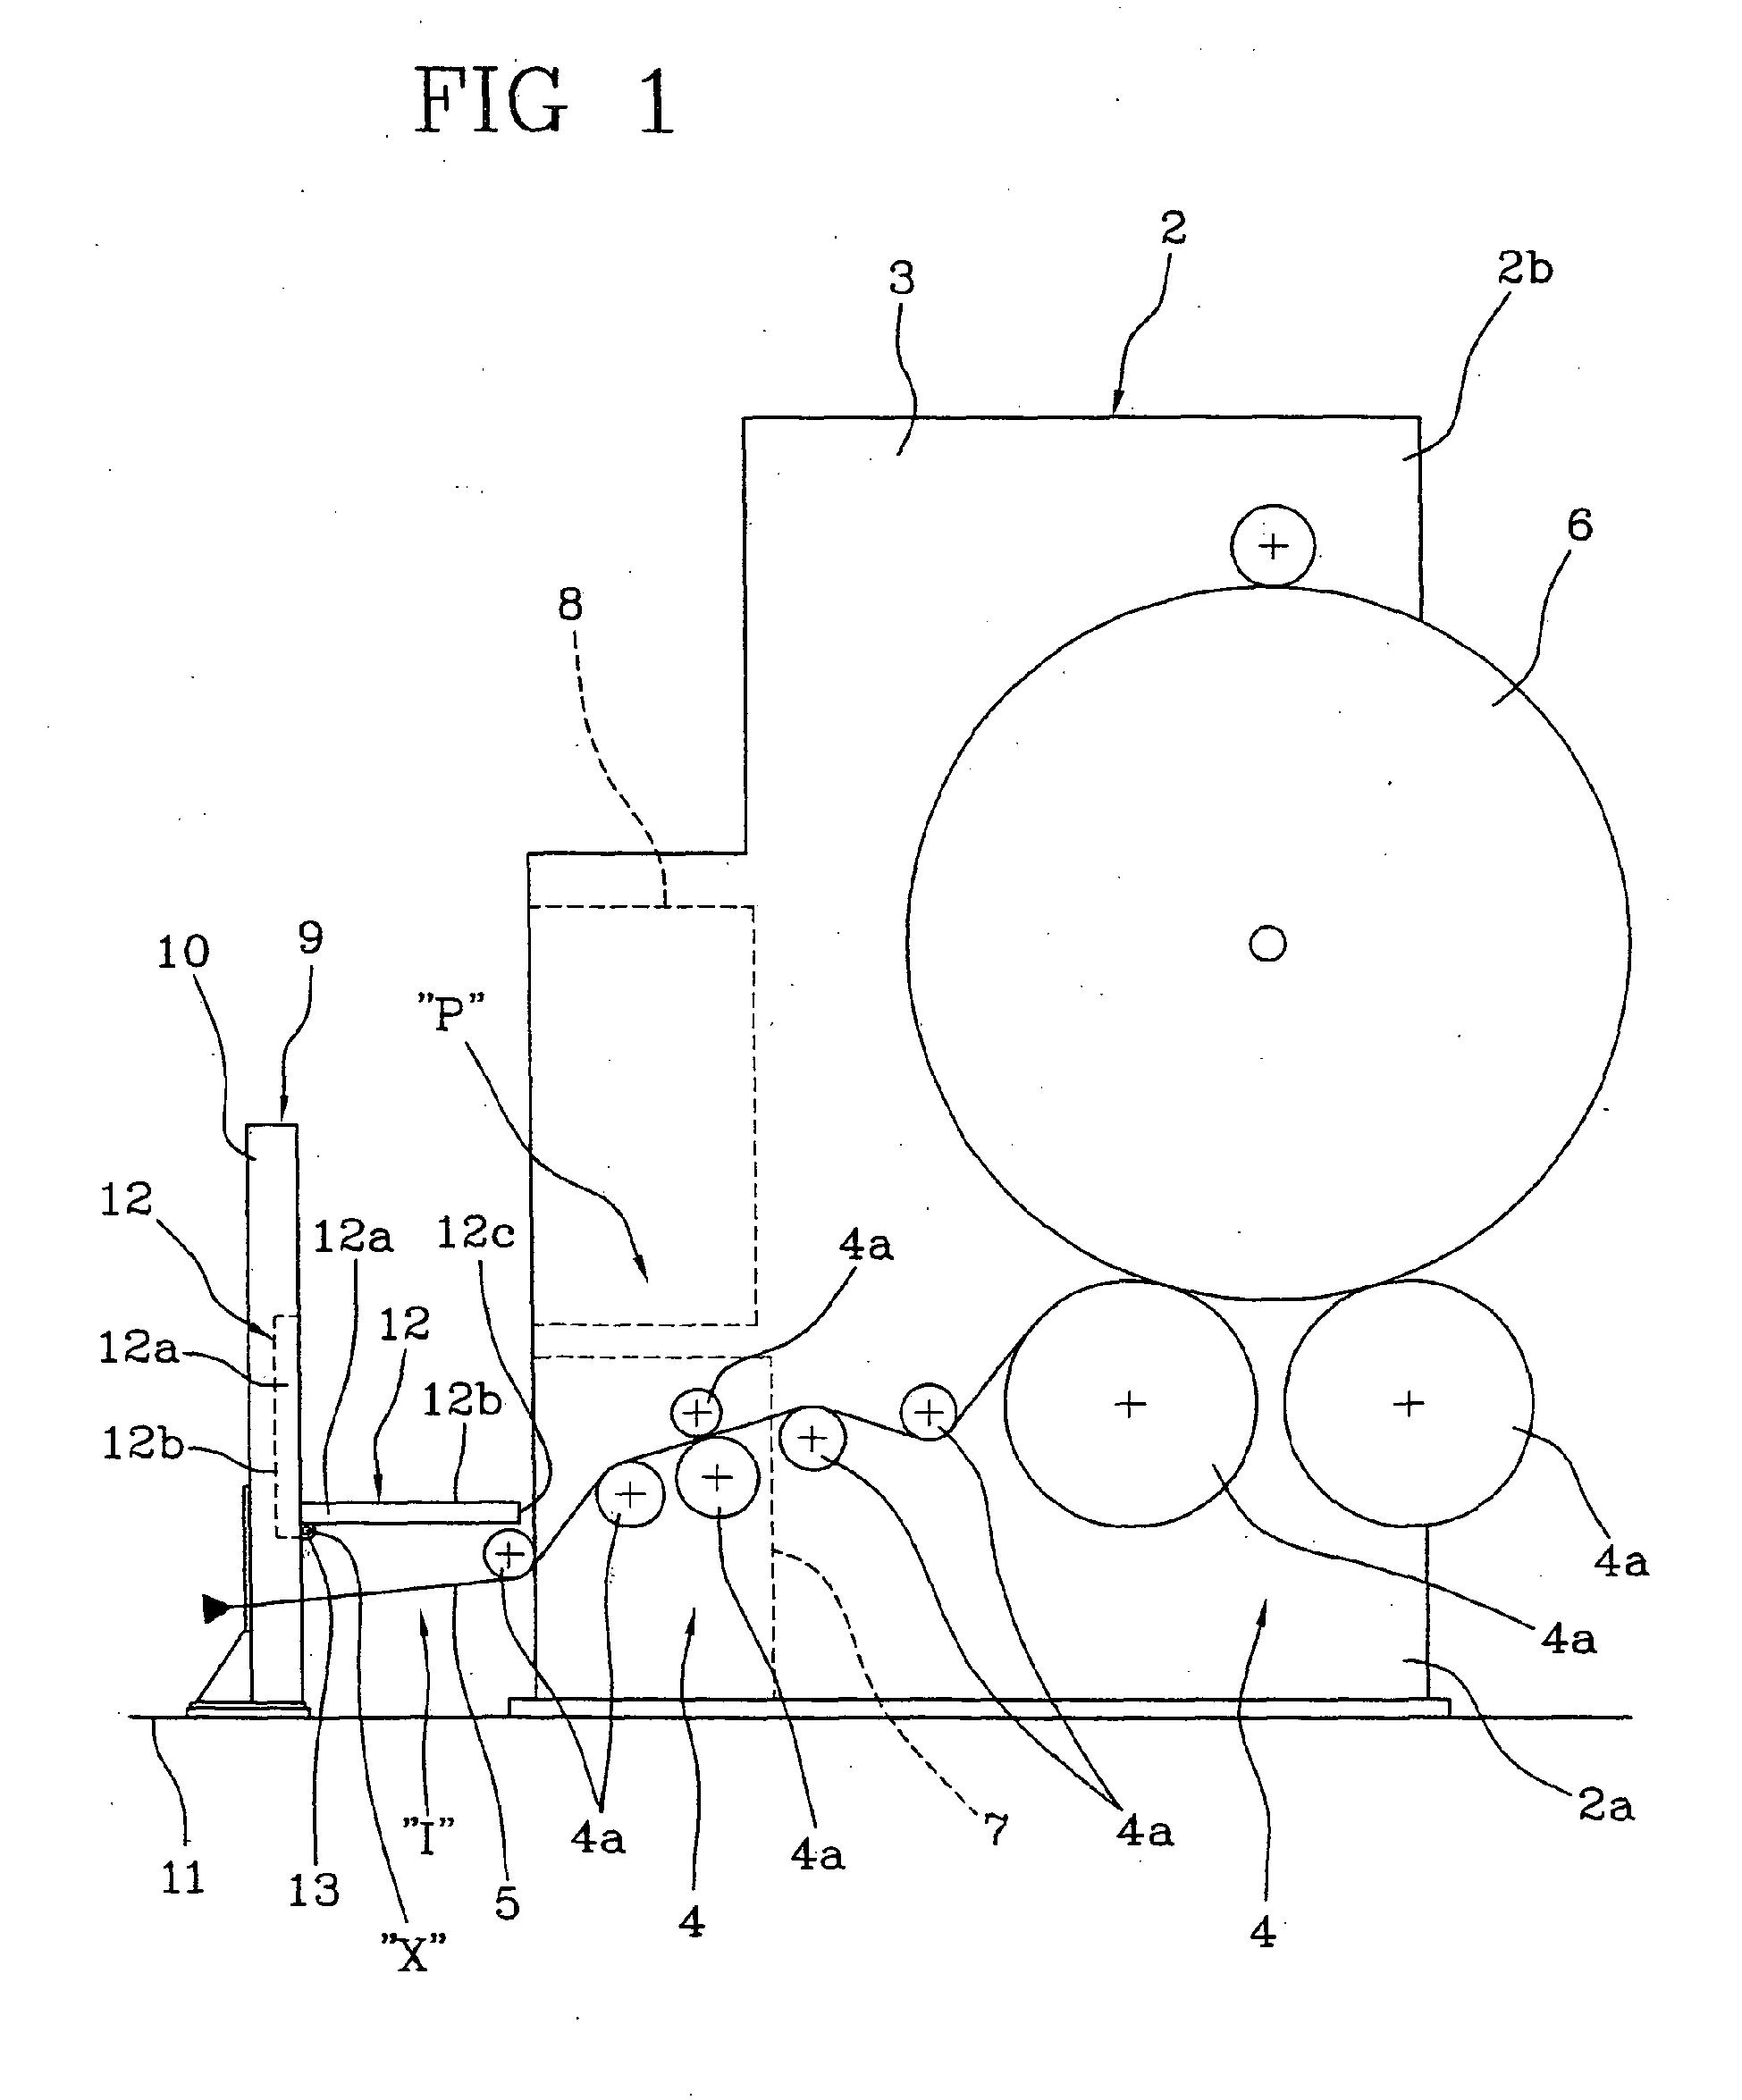 patent ep1743859a2 - trittbrett, insbesondere für wickelmaschinen, Attraktive mobel